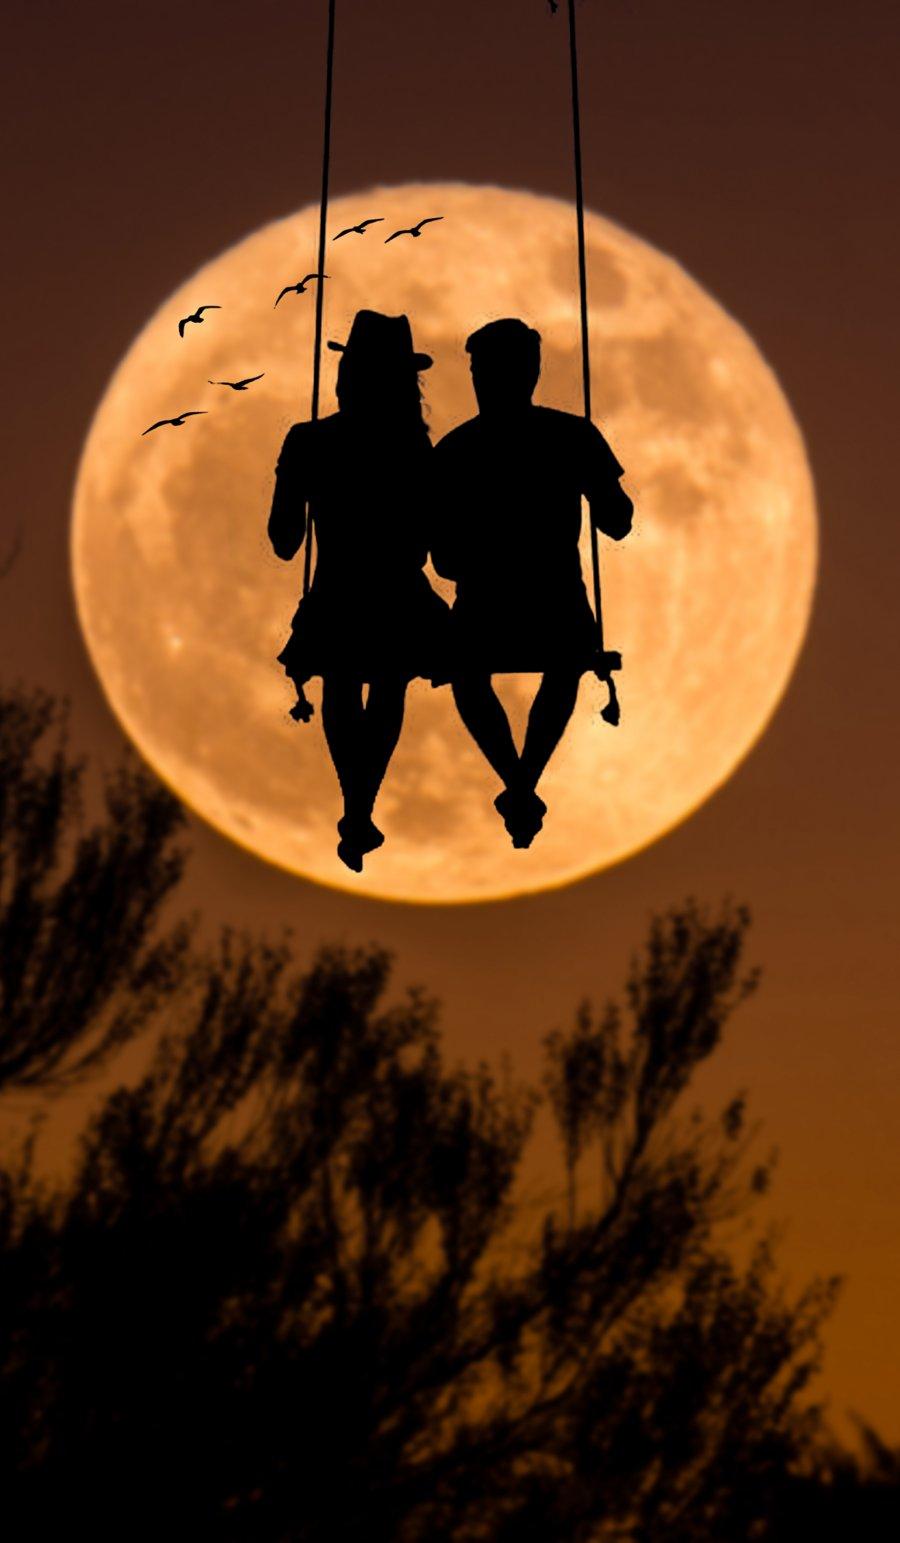 Moonlight Lovers iPhone Wallpaper